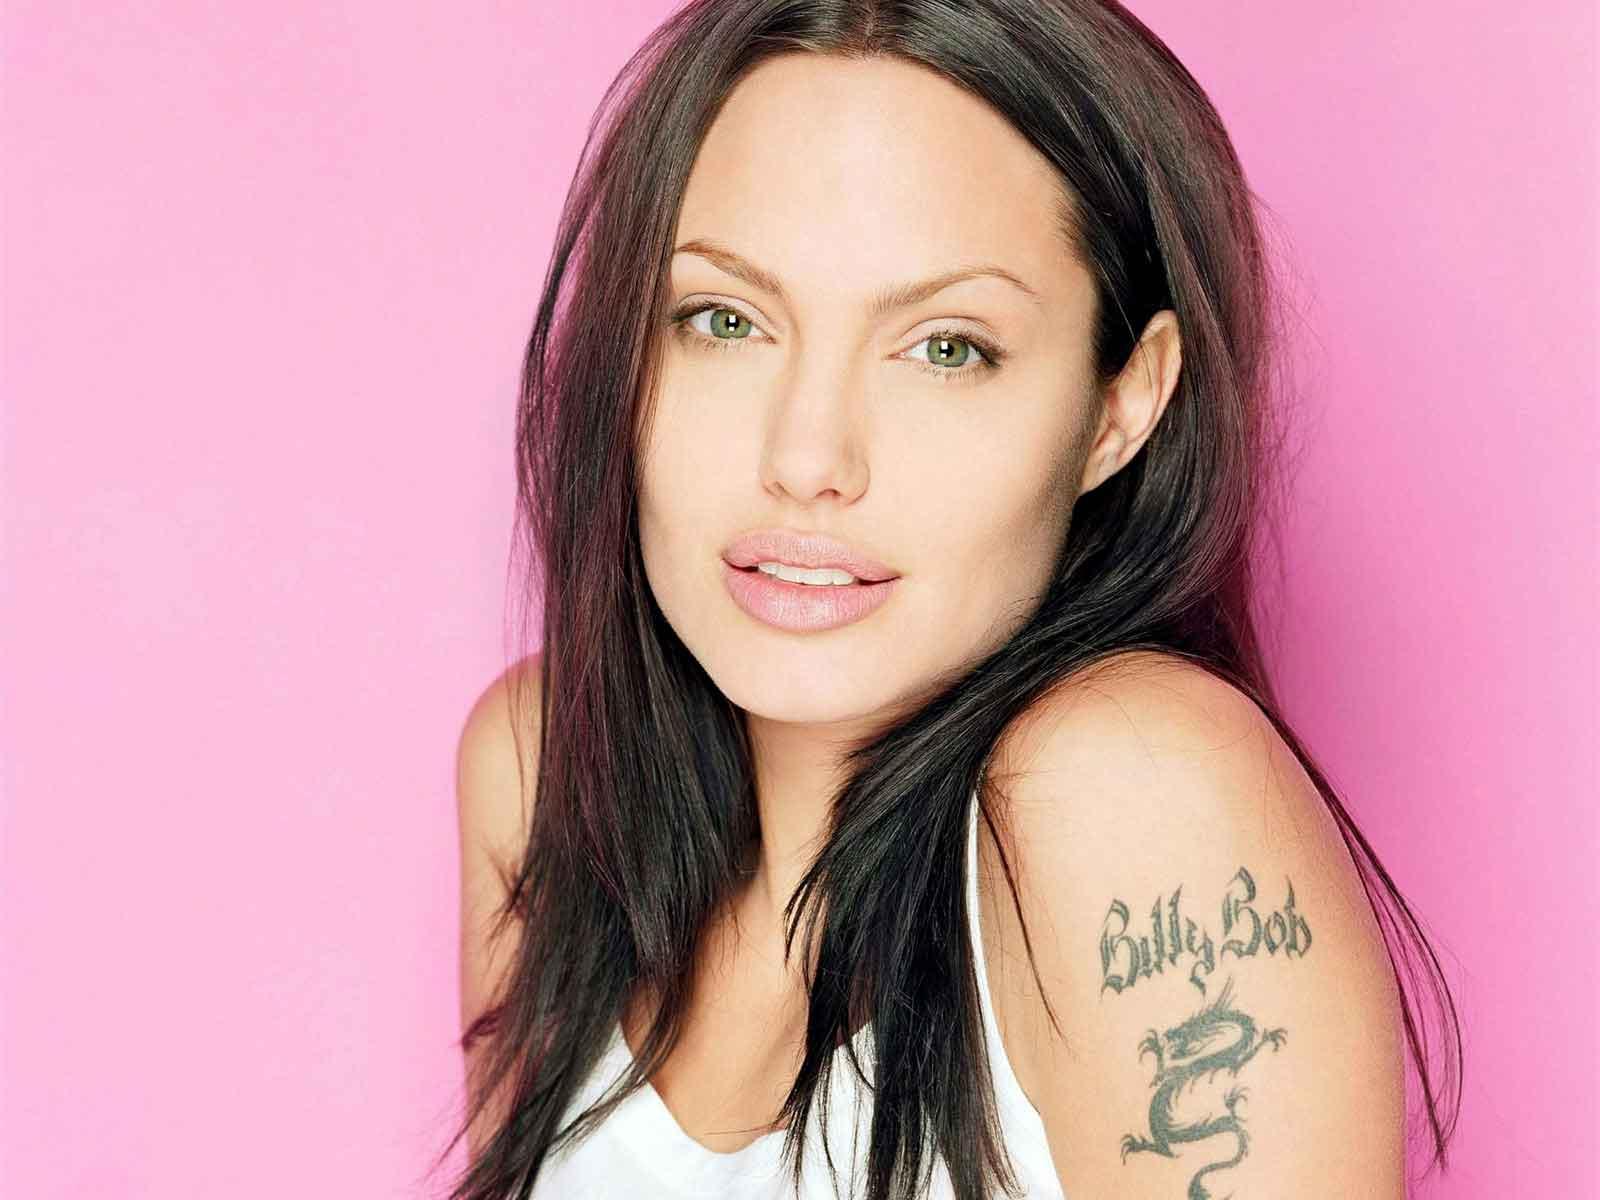 http://2.bp.blogspot.com/-9TFjlQ2iz2c/Tr4hypLWXzI/AAAAAAAABII/LJBCMXCvJbY/s1600/angelina+jolie+tattoos+1.jpg